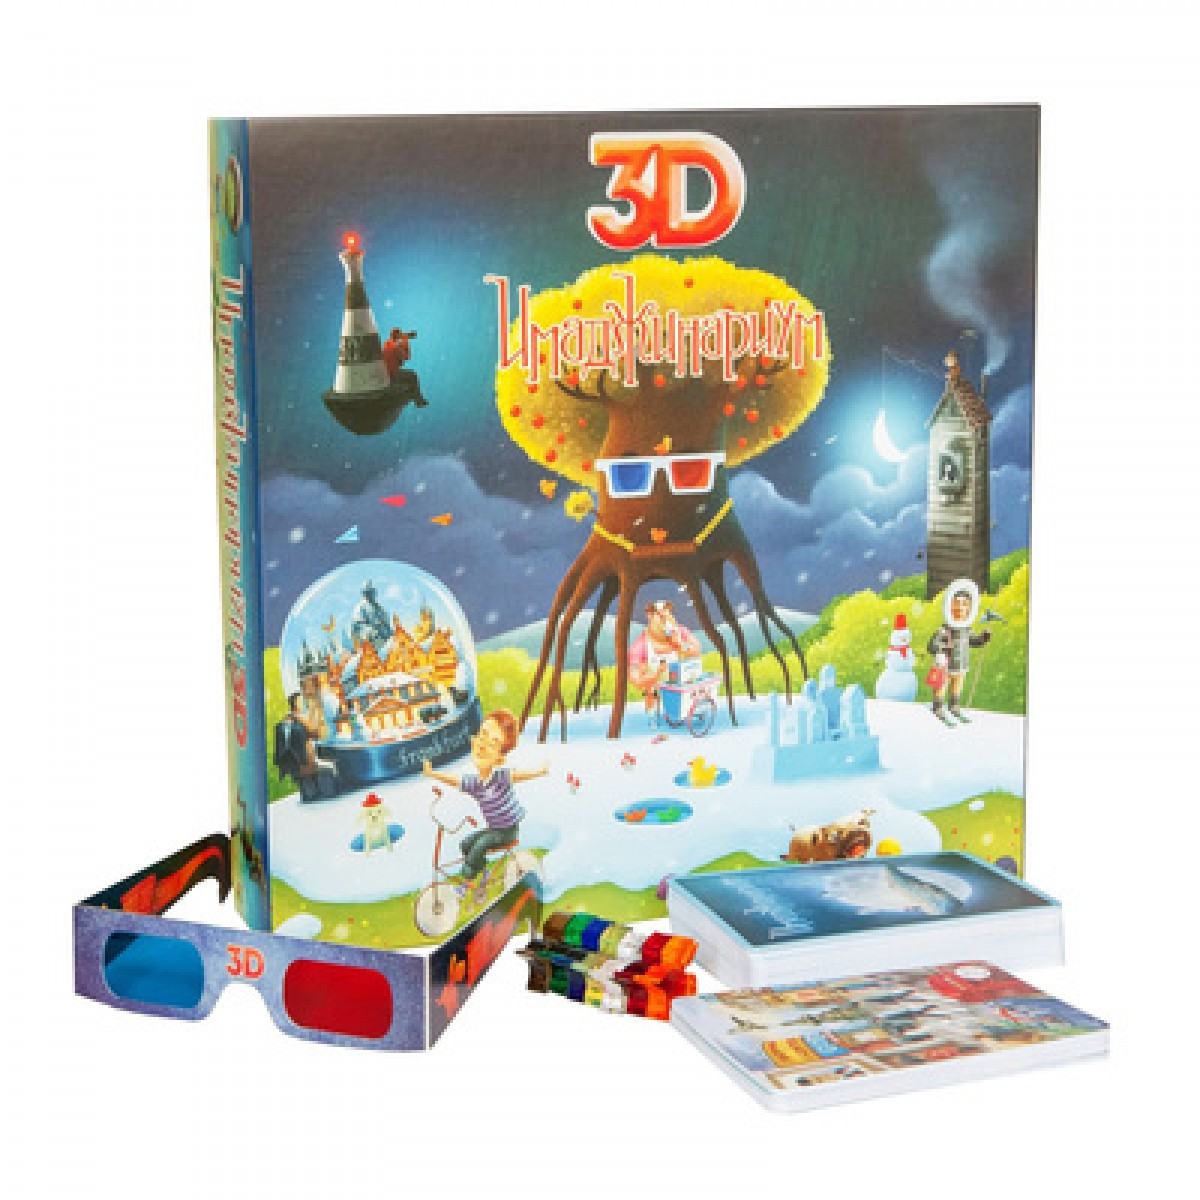 Развлекательные игры CosmodromeGames Настольная игра Cosmodrome «Имаджинариум 3D» stupidcasual набор дополнительных карточек персефона для имаджинариум